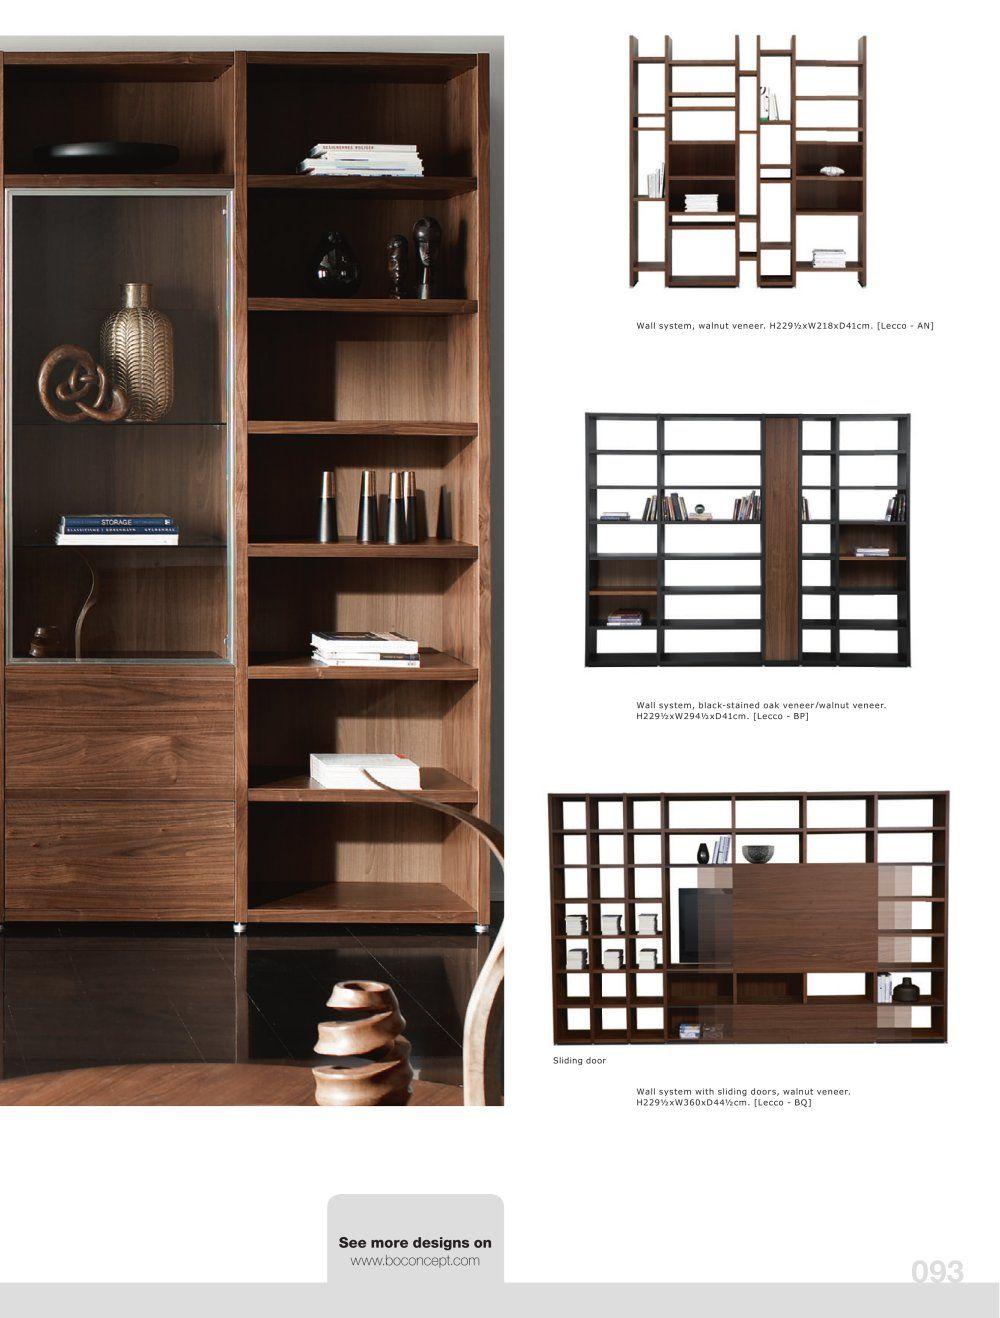 Design New 2010 Archiexpo Interior Shelving Design Shelves